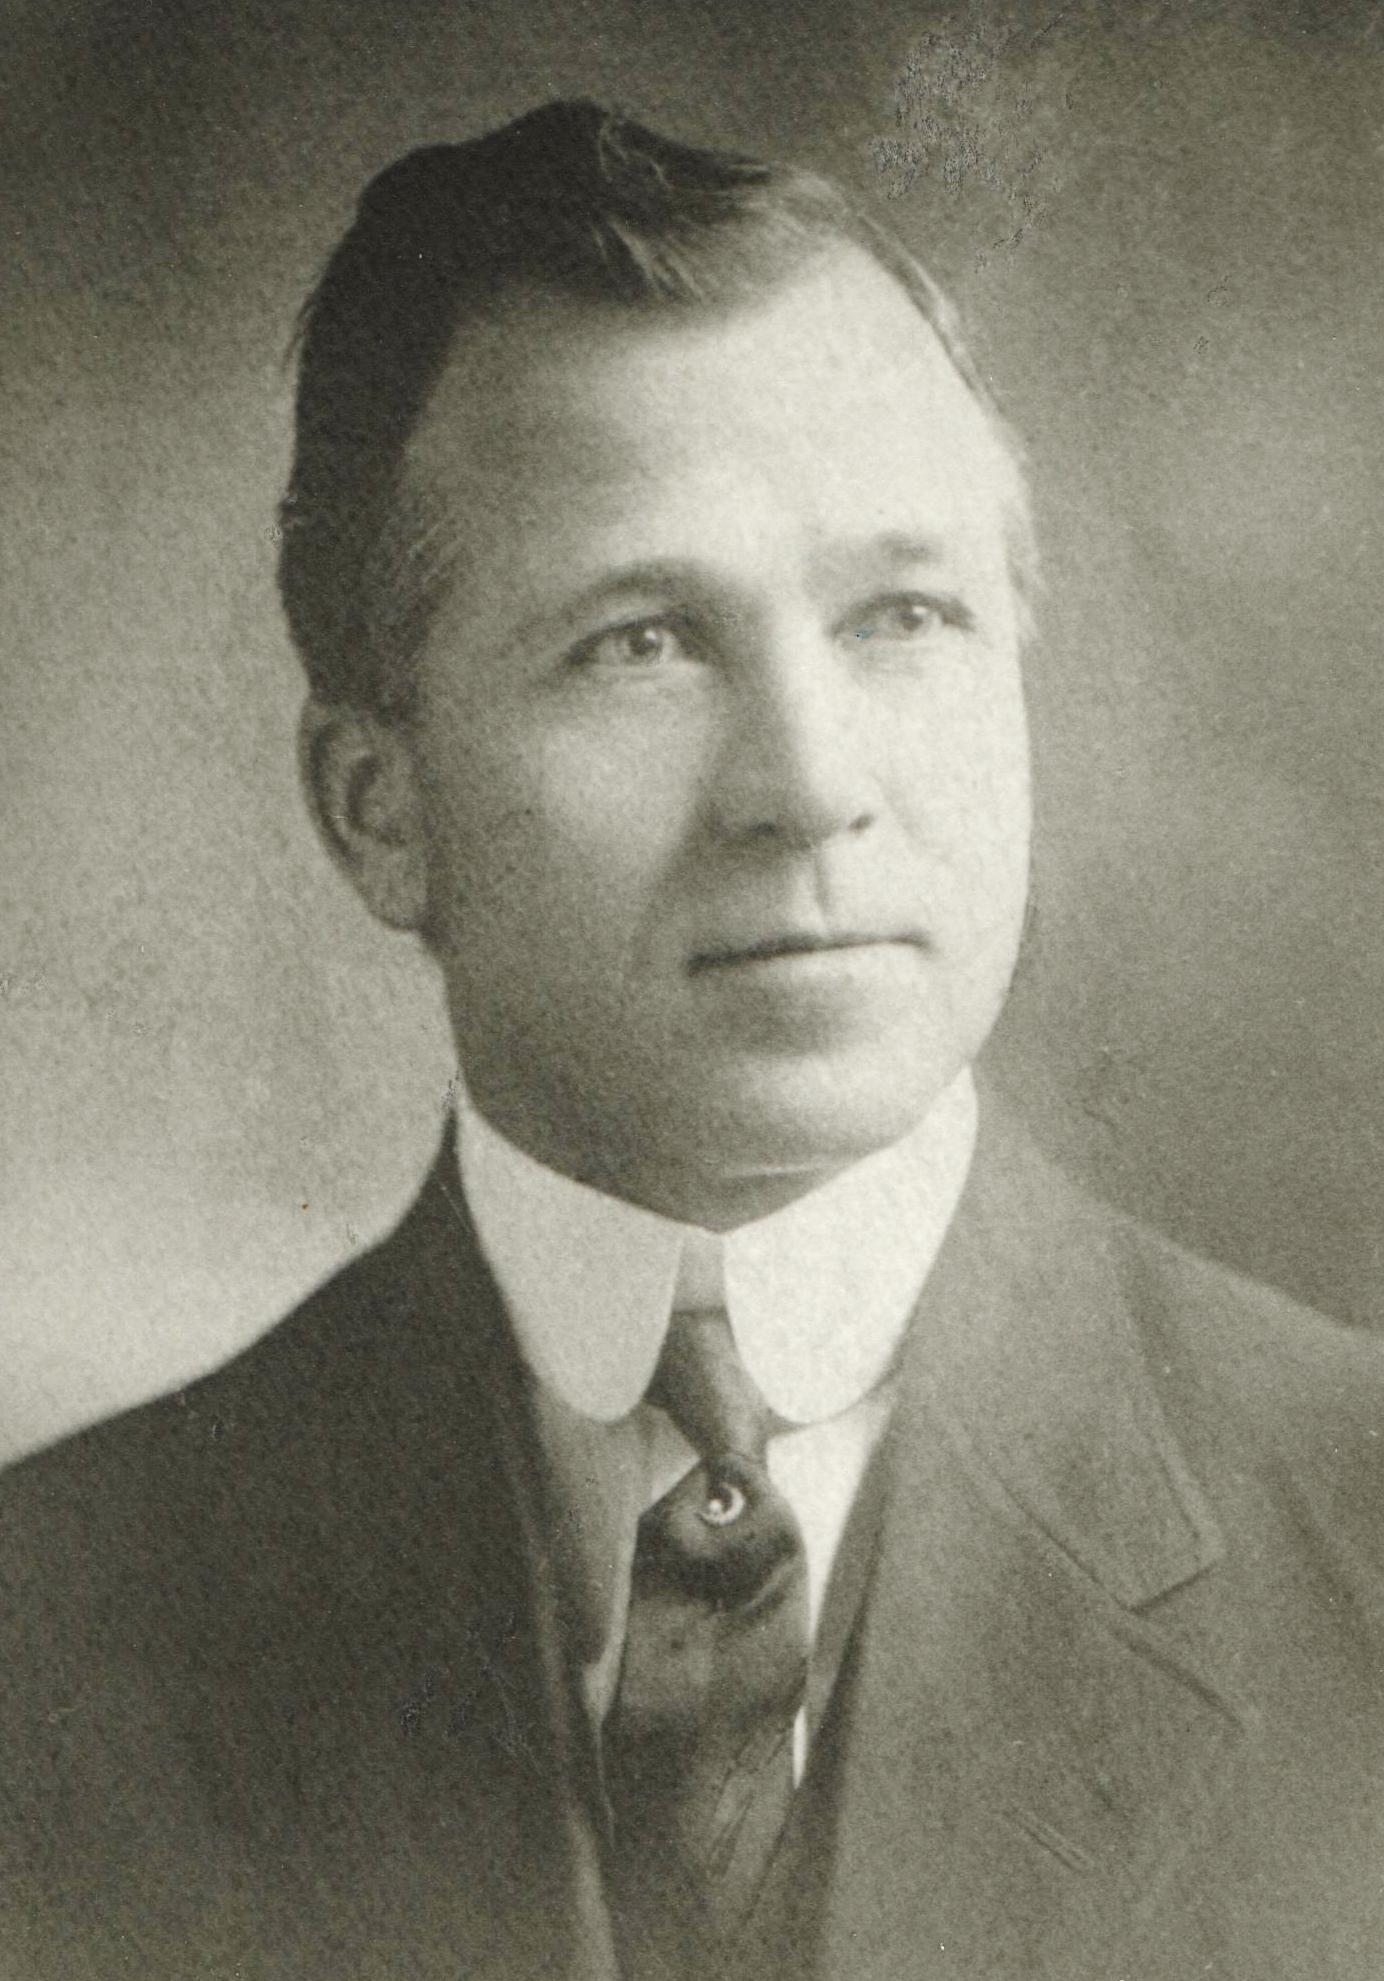 1911 W. J. Davey